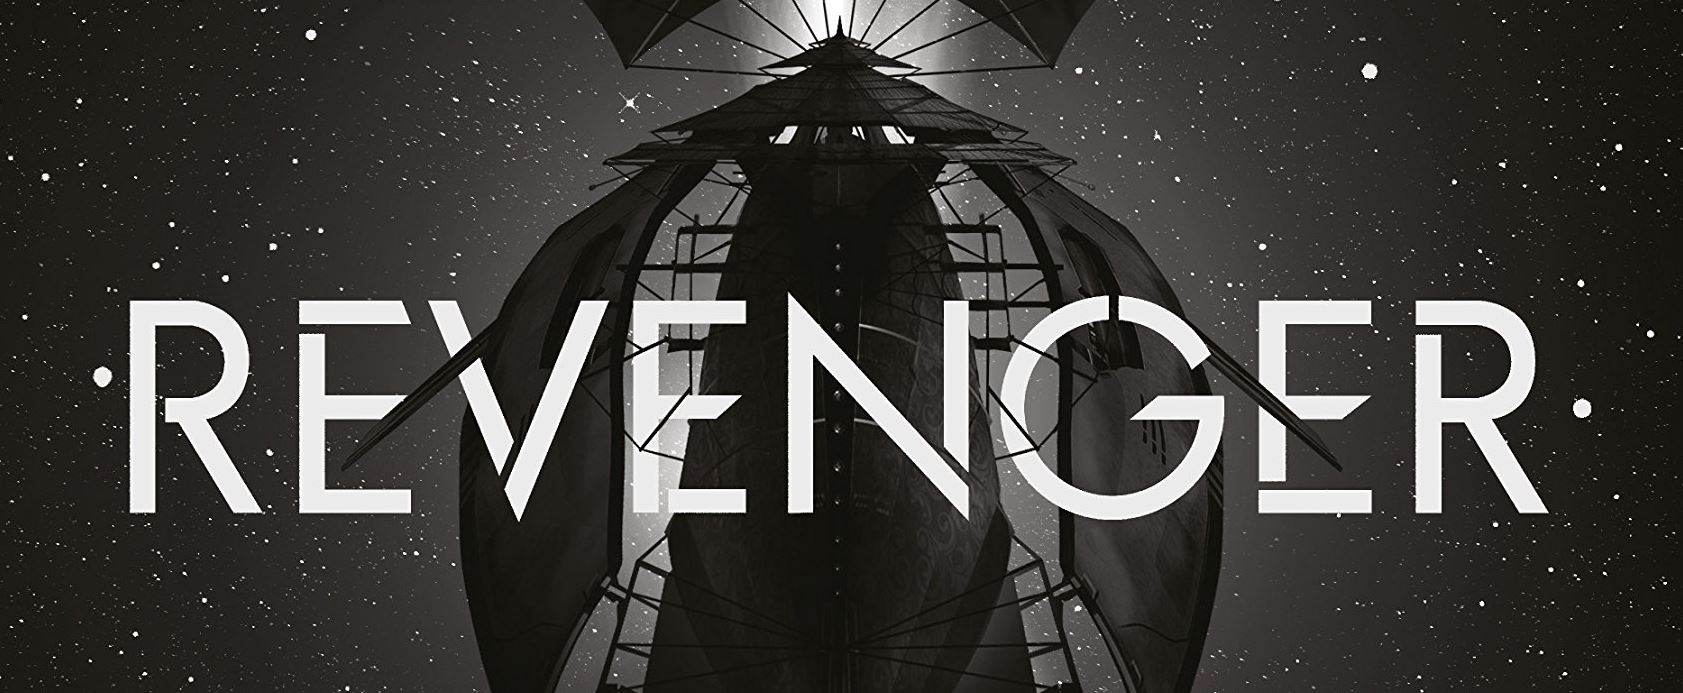 Revenger review